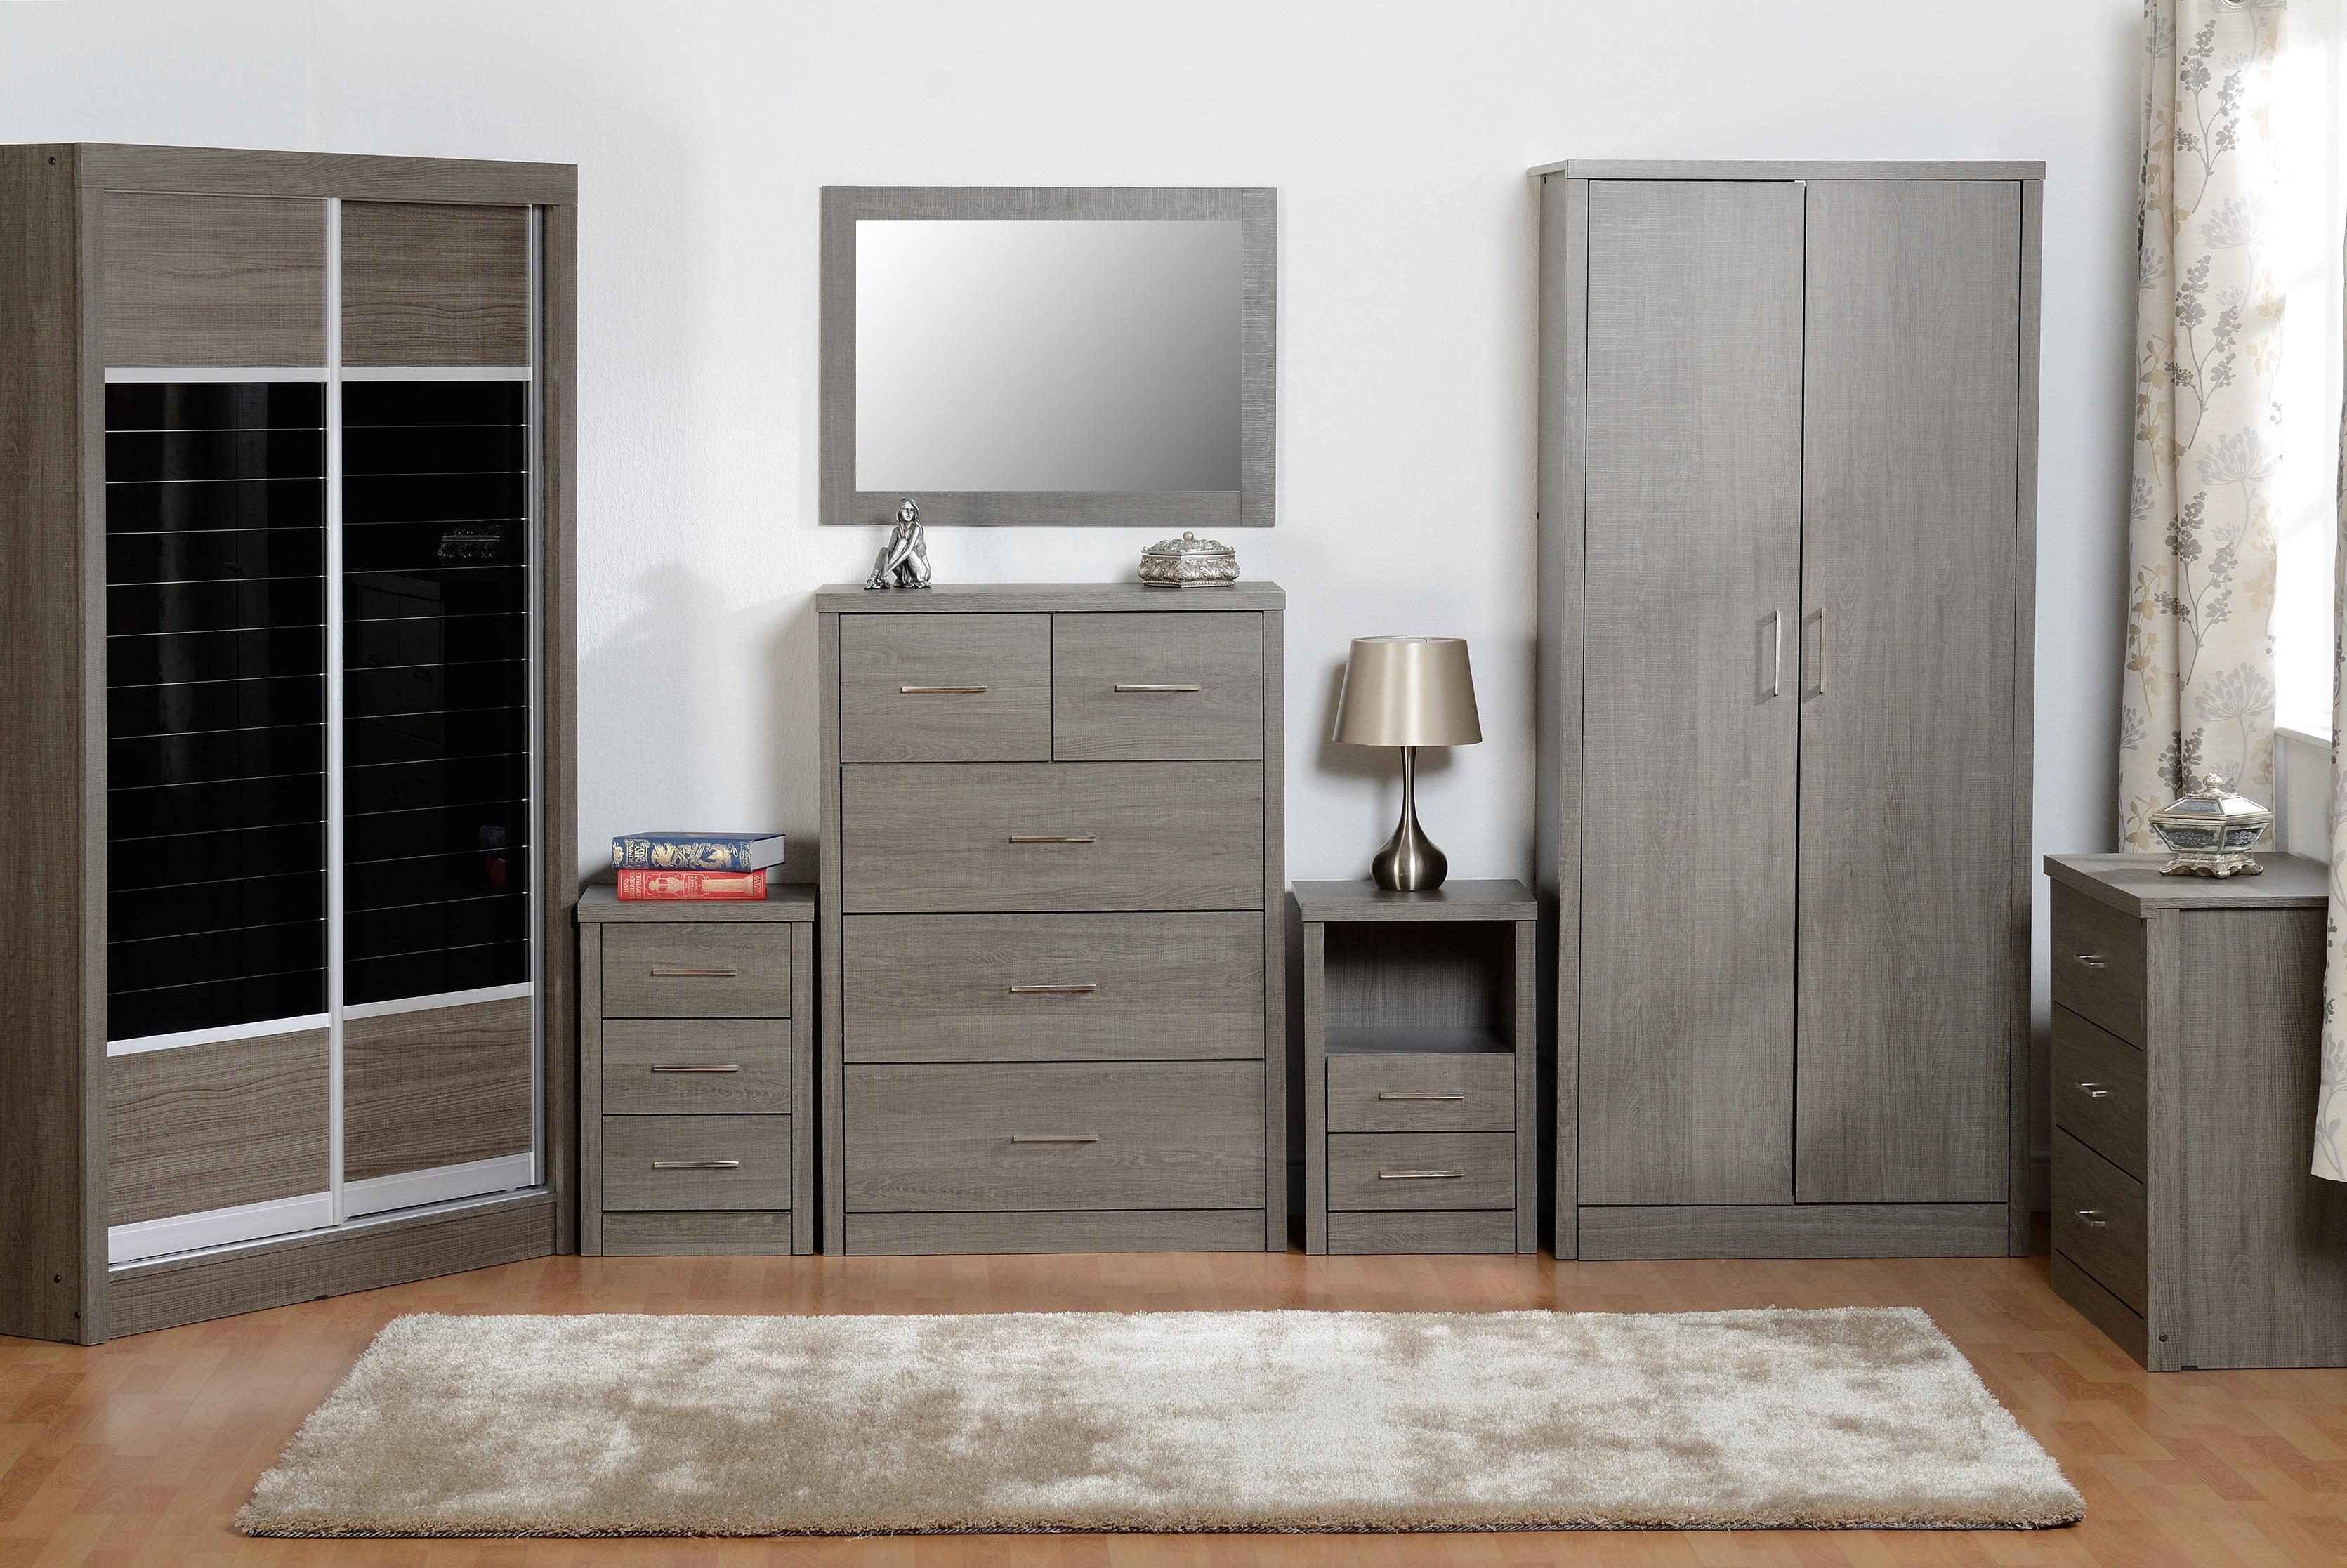 Lisbon bedroom furniture